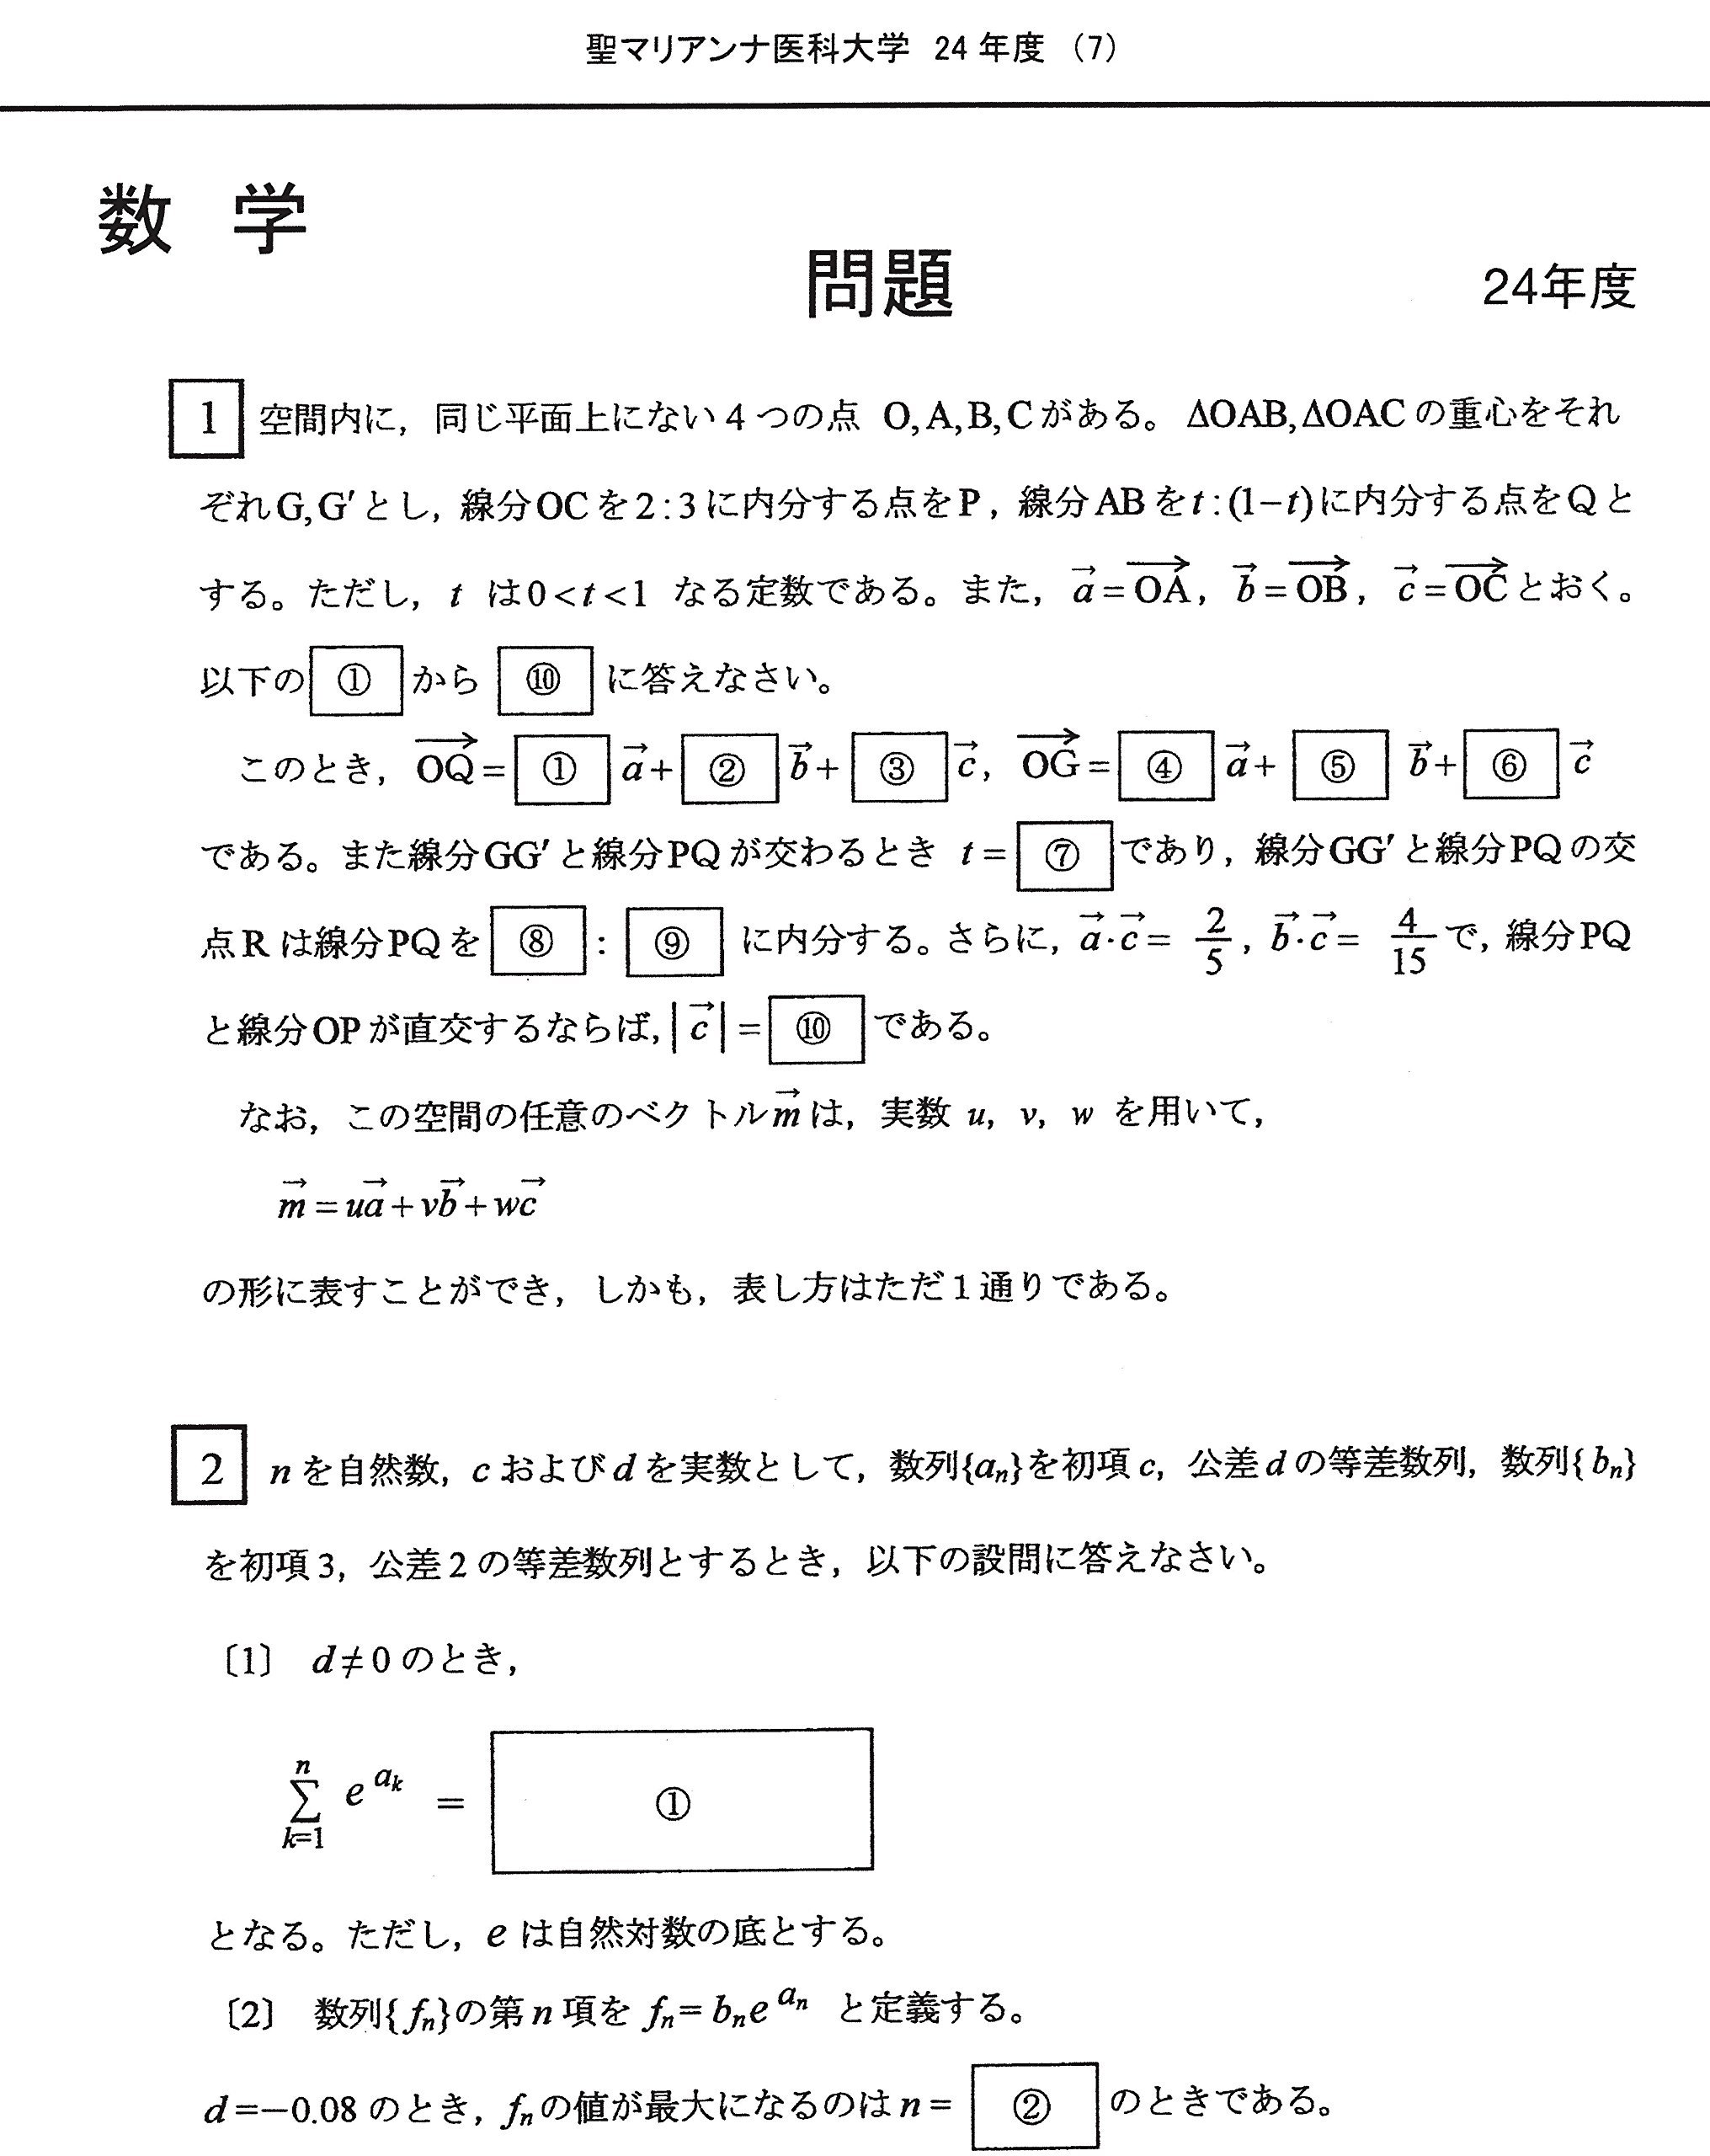 大学 入試 マリアンナ 医科 聖